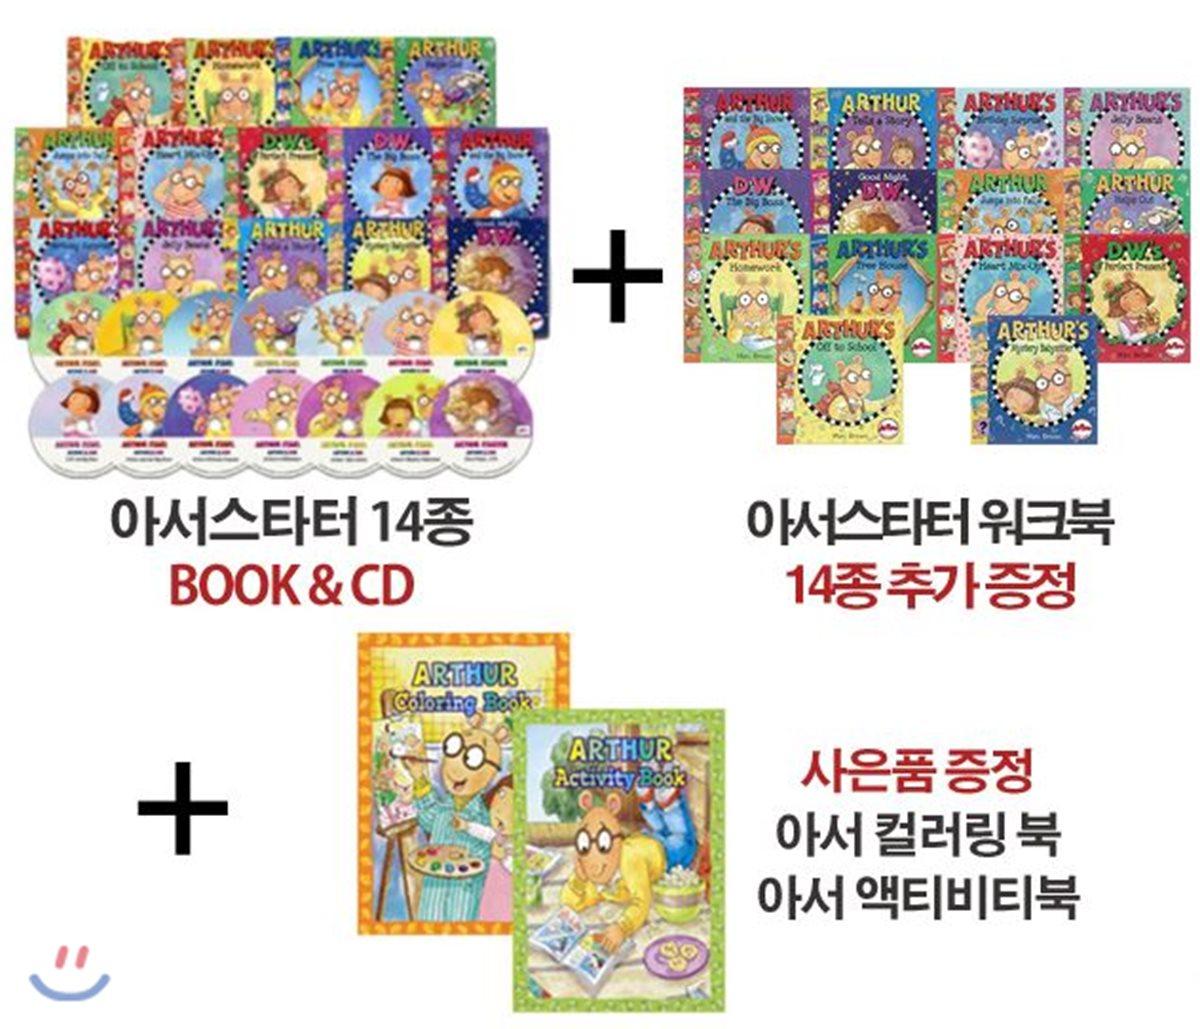 [43종] Arthur Starter 아서 스타터 얼리 챕터북 14종 세트 (Book & CD) (컬러링 액티비티북 1권 + 워크북 14권 증정)